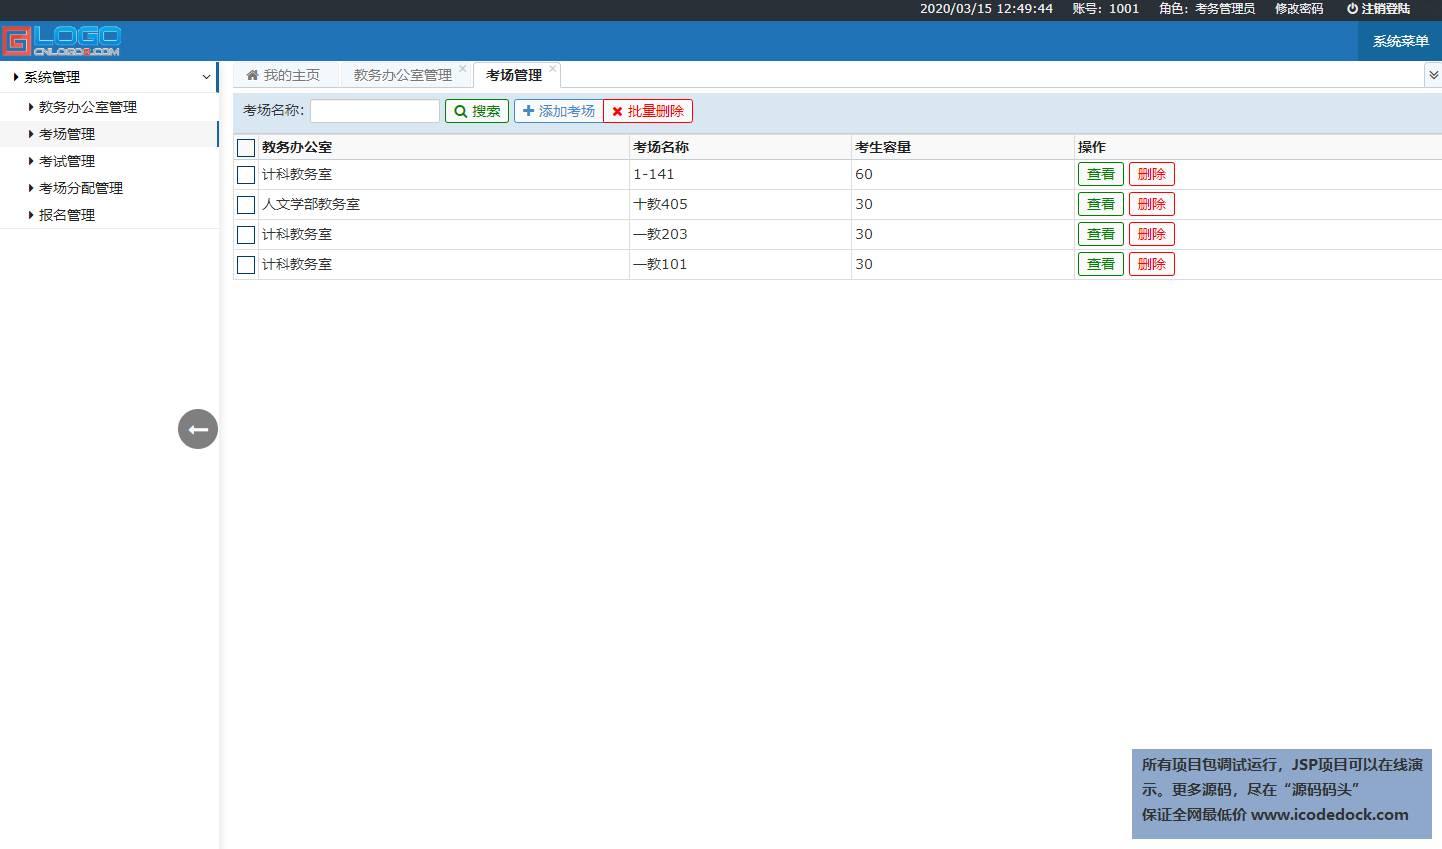 源码码头-SSM考试在线报名管理系统-考务管理员角色-考场管理